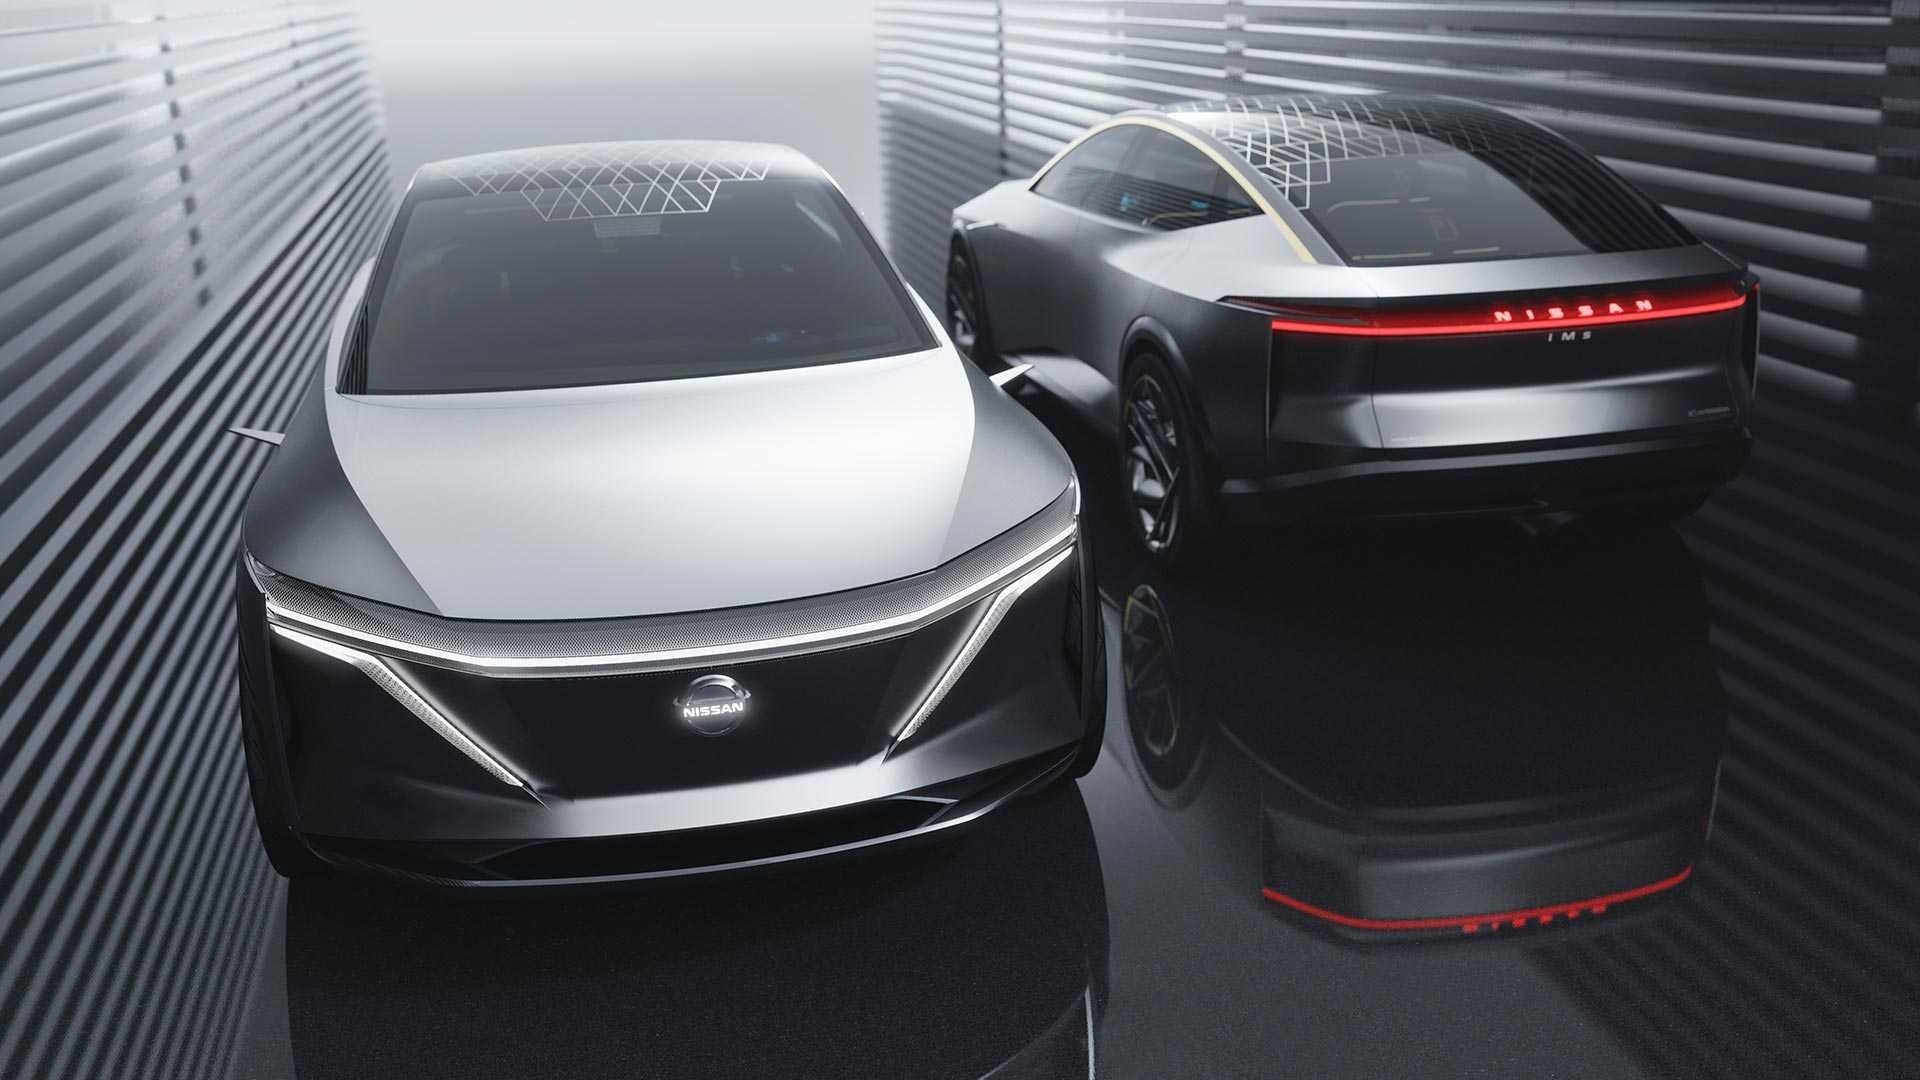 Nissan IMs concept (1)